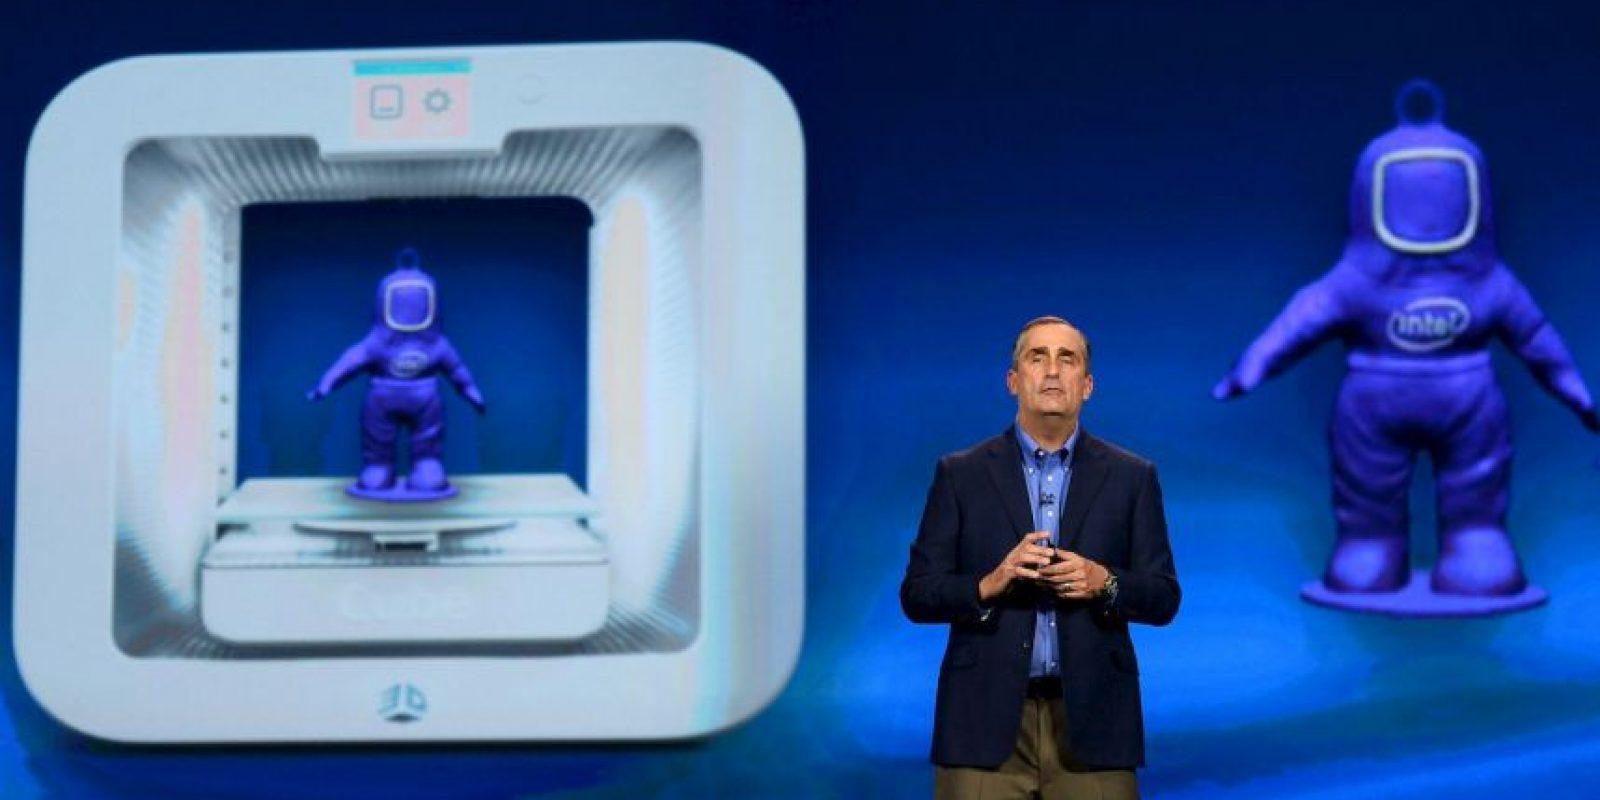 Muchos tipos de impresora han sido diseñadas con base a la utilización que se les dará, lo que ha beneficiado al progreso del software que se utiliza. Foto:Getty